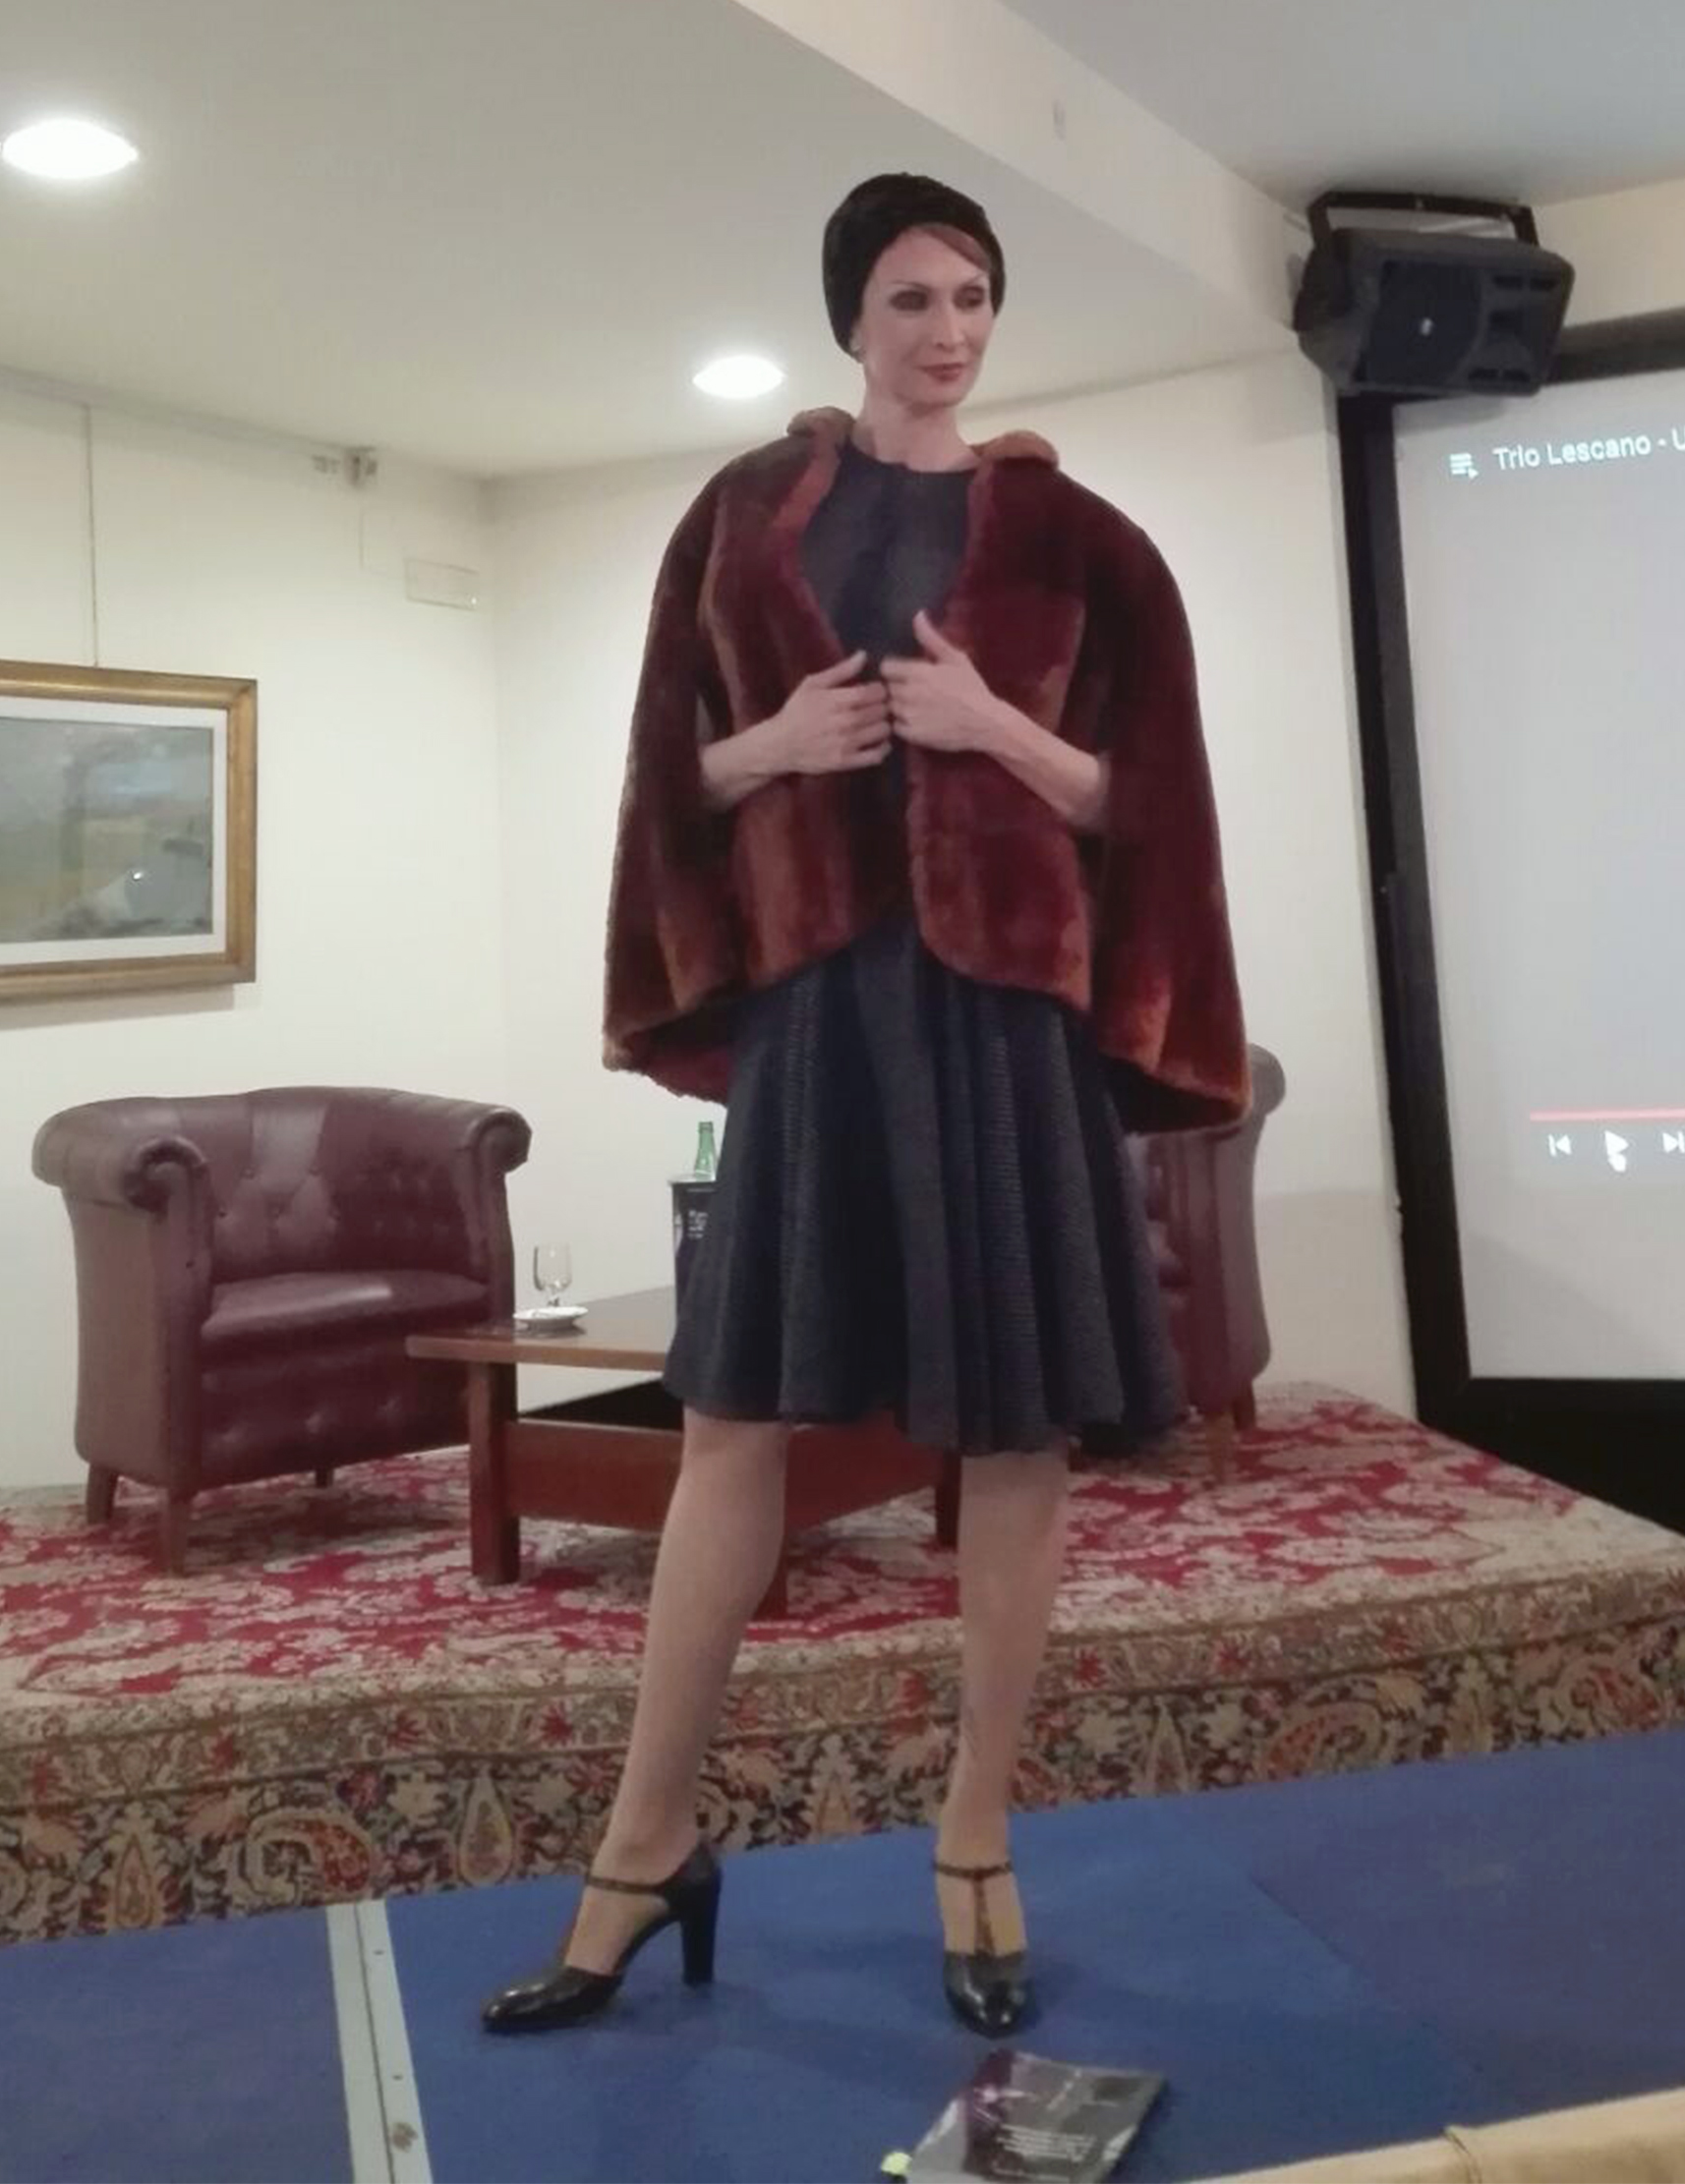 luciano lapadula runway fashion 40s